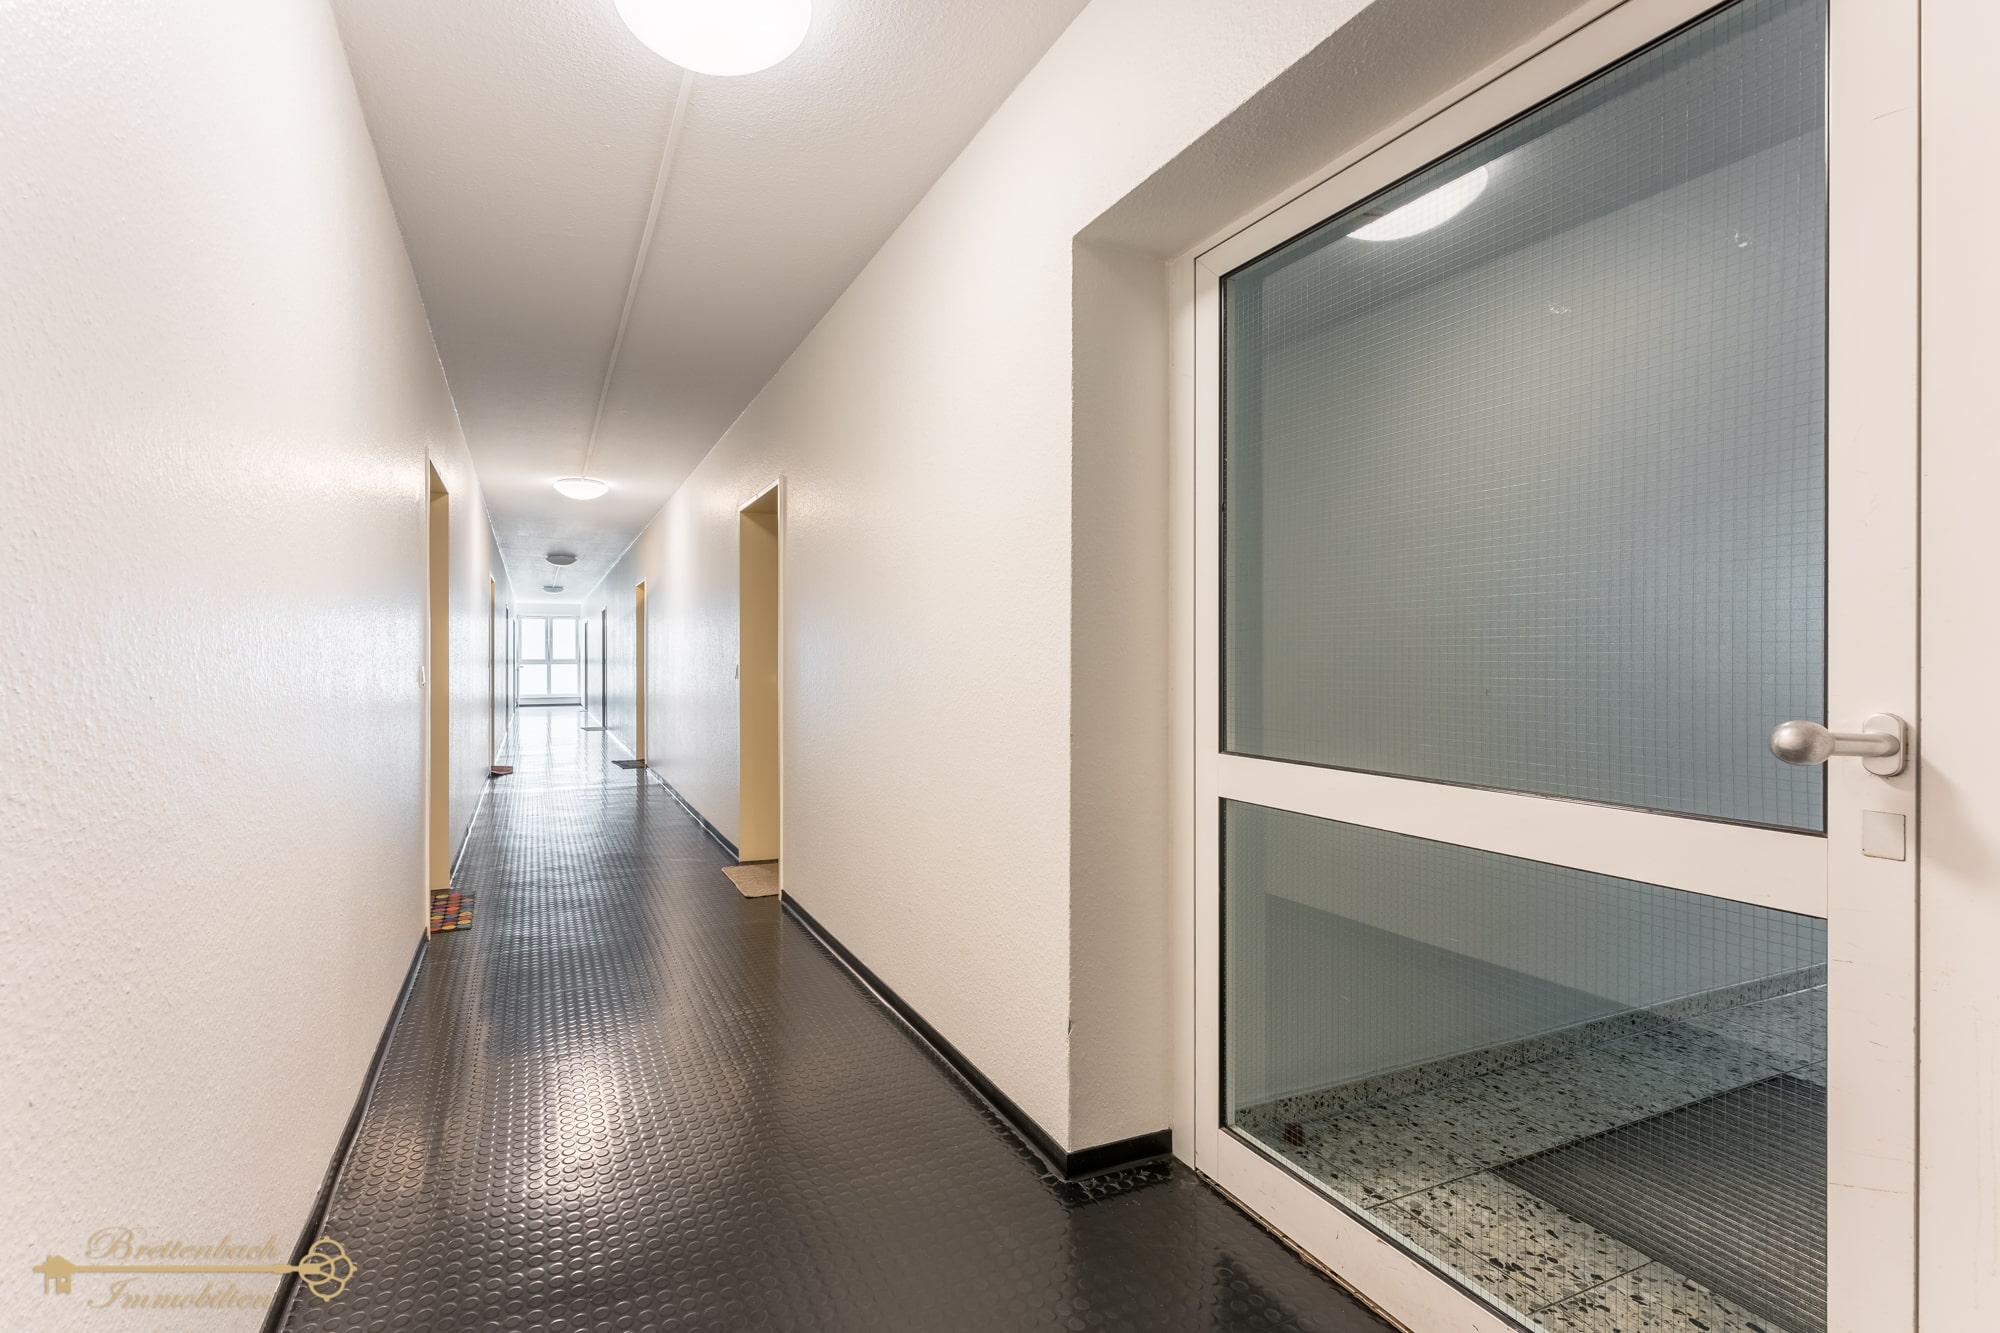 2021-07-10-Breitenbach-Immobilien-Makler-Bremen-9-min